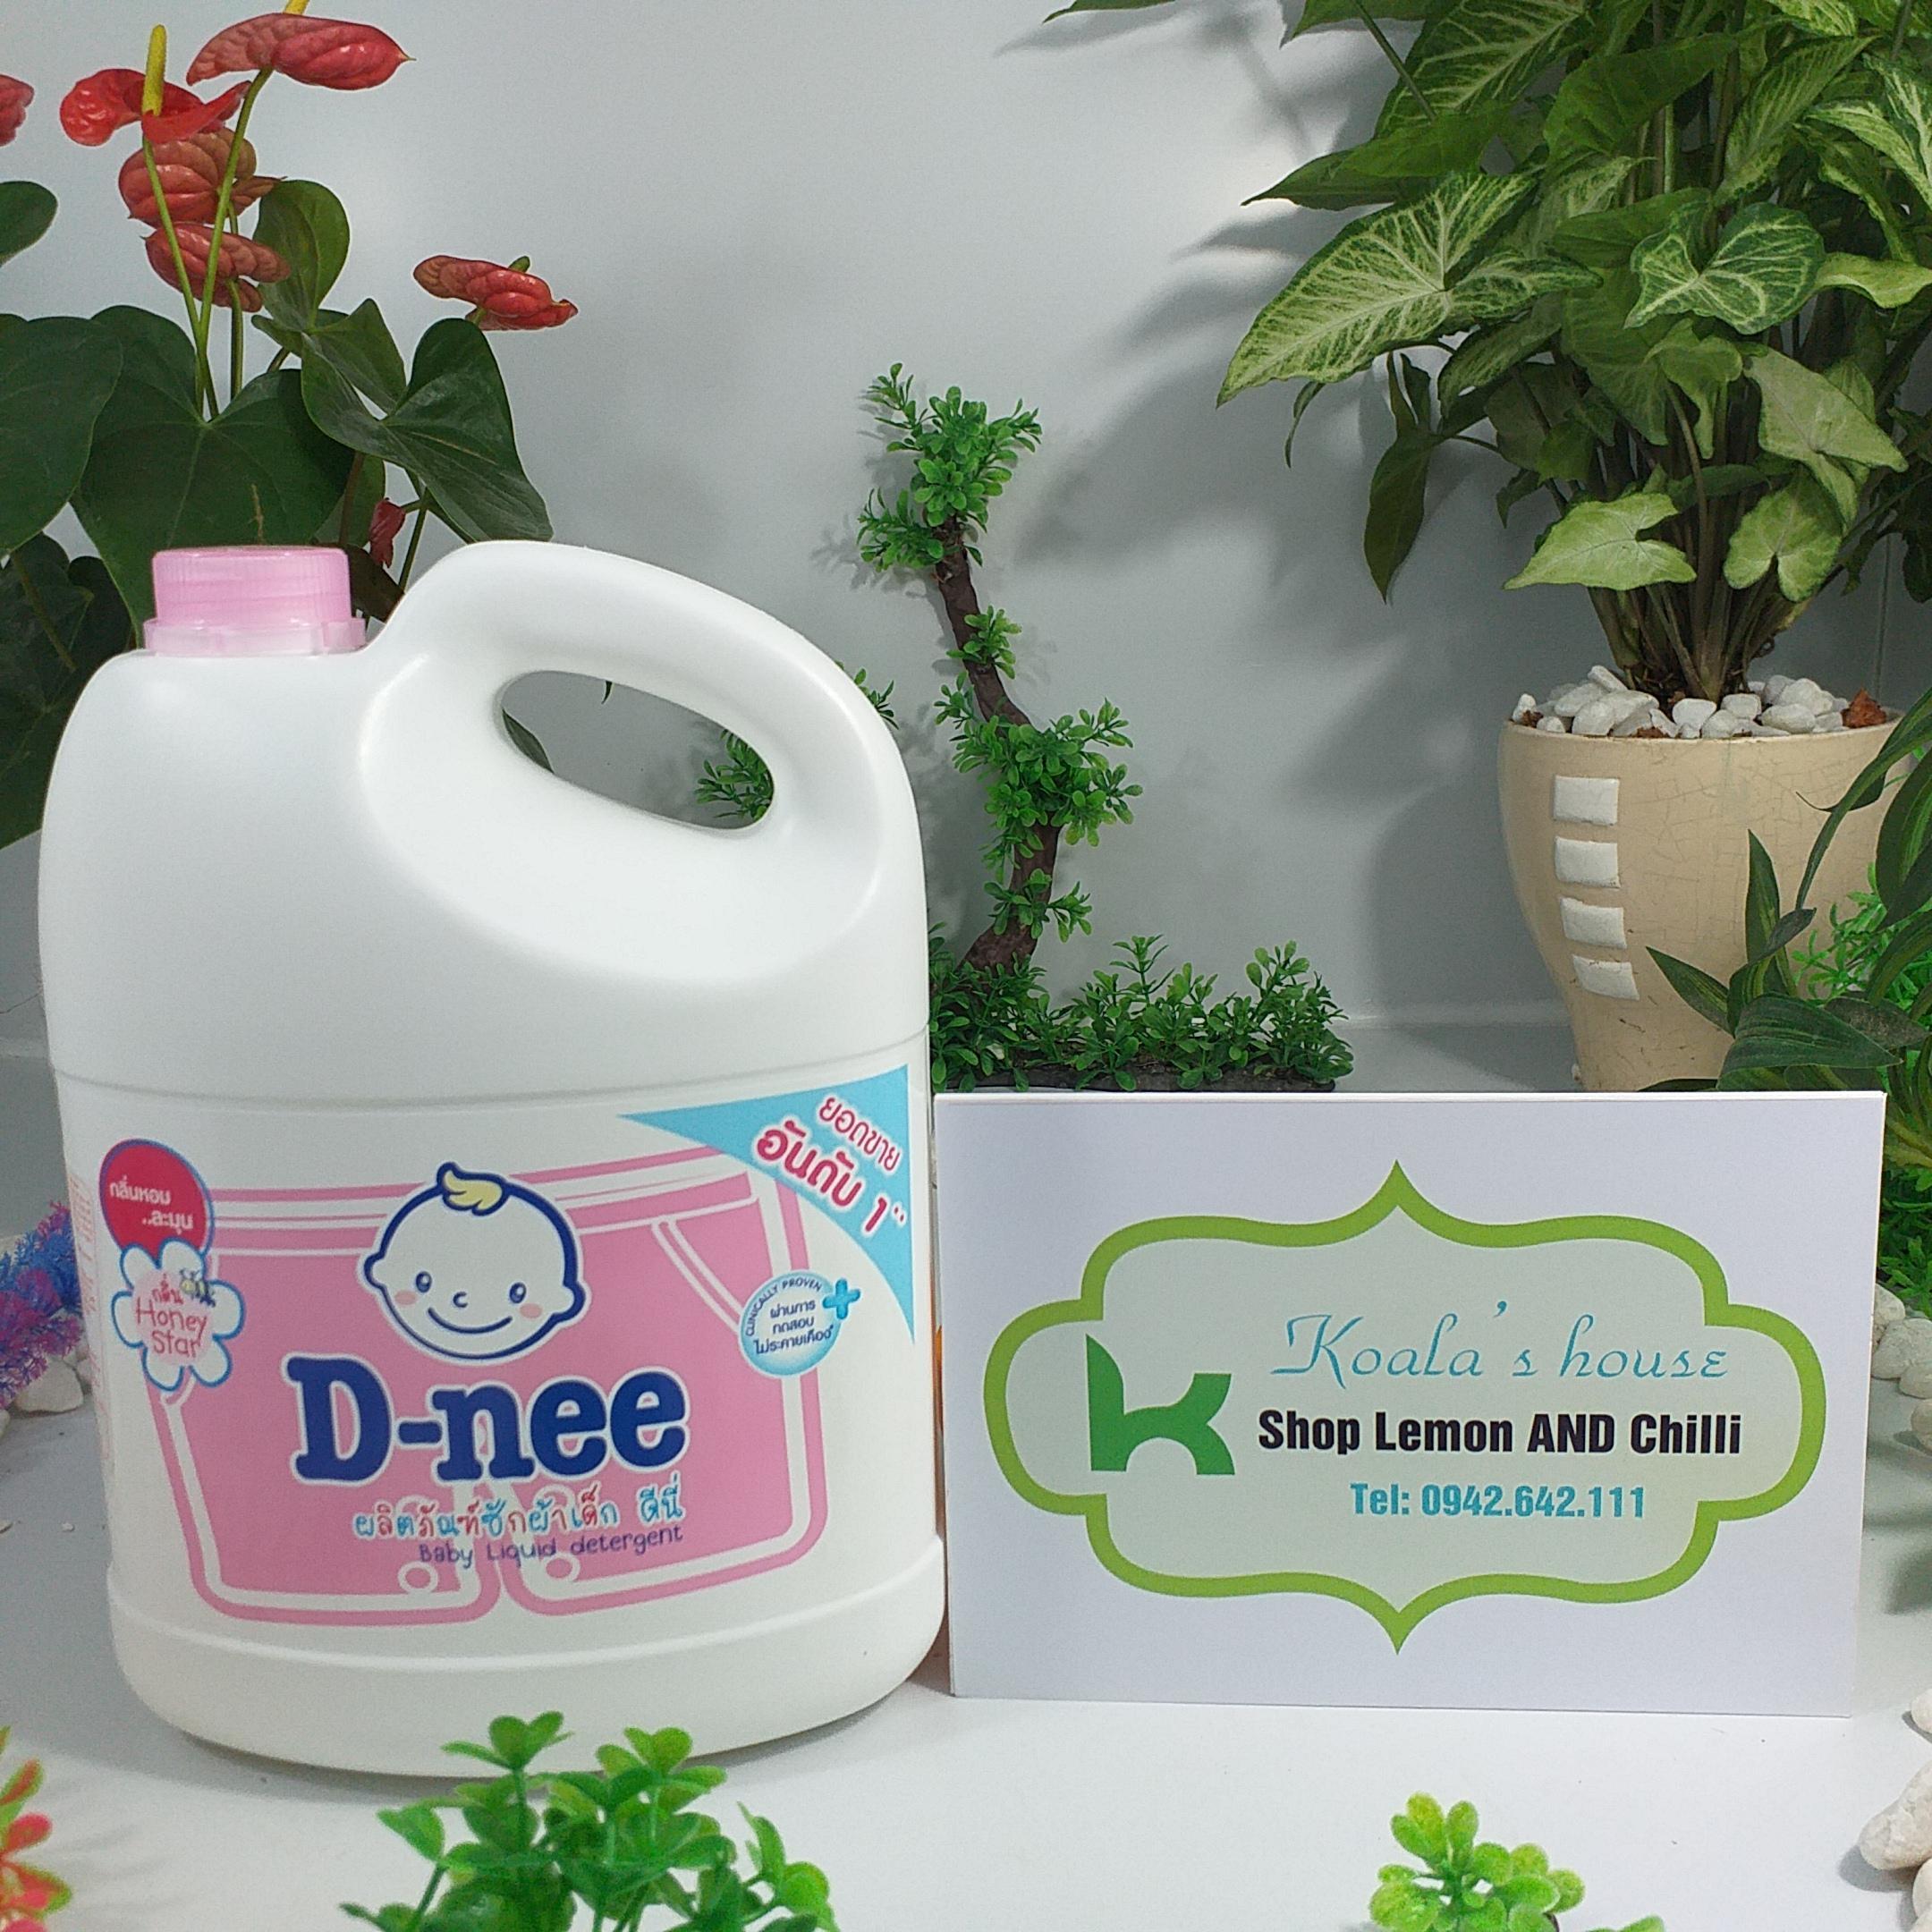 Nước giặt Dnee sản xuất tại Thái Lan, dung tích 3000ml ( màu hồng - tem Đại Thịnh)